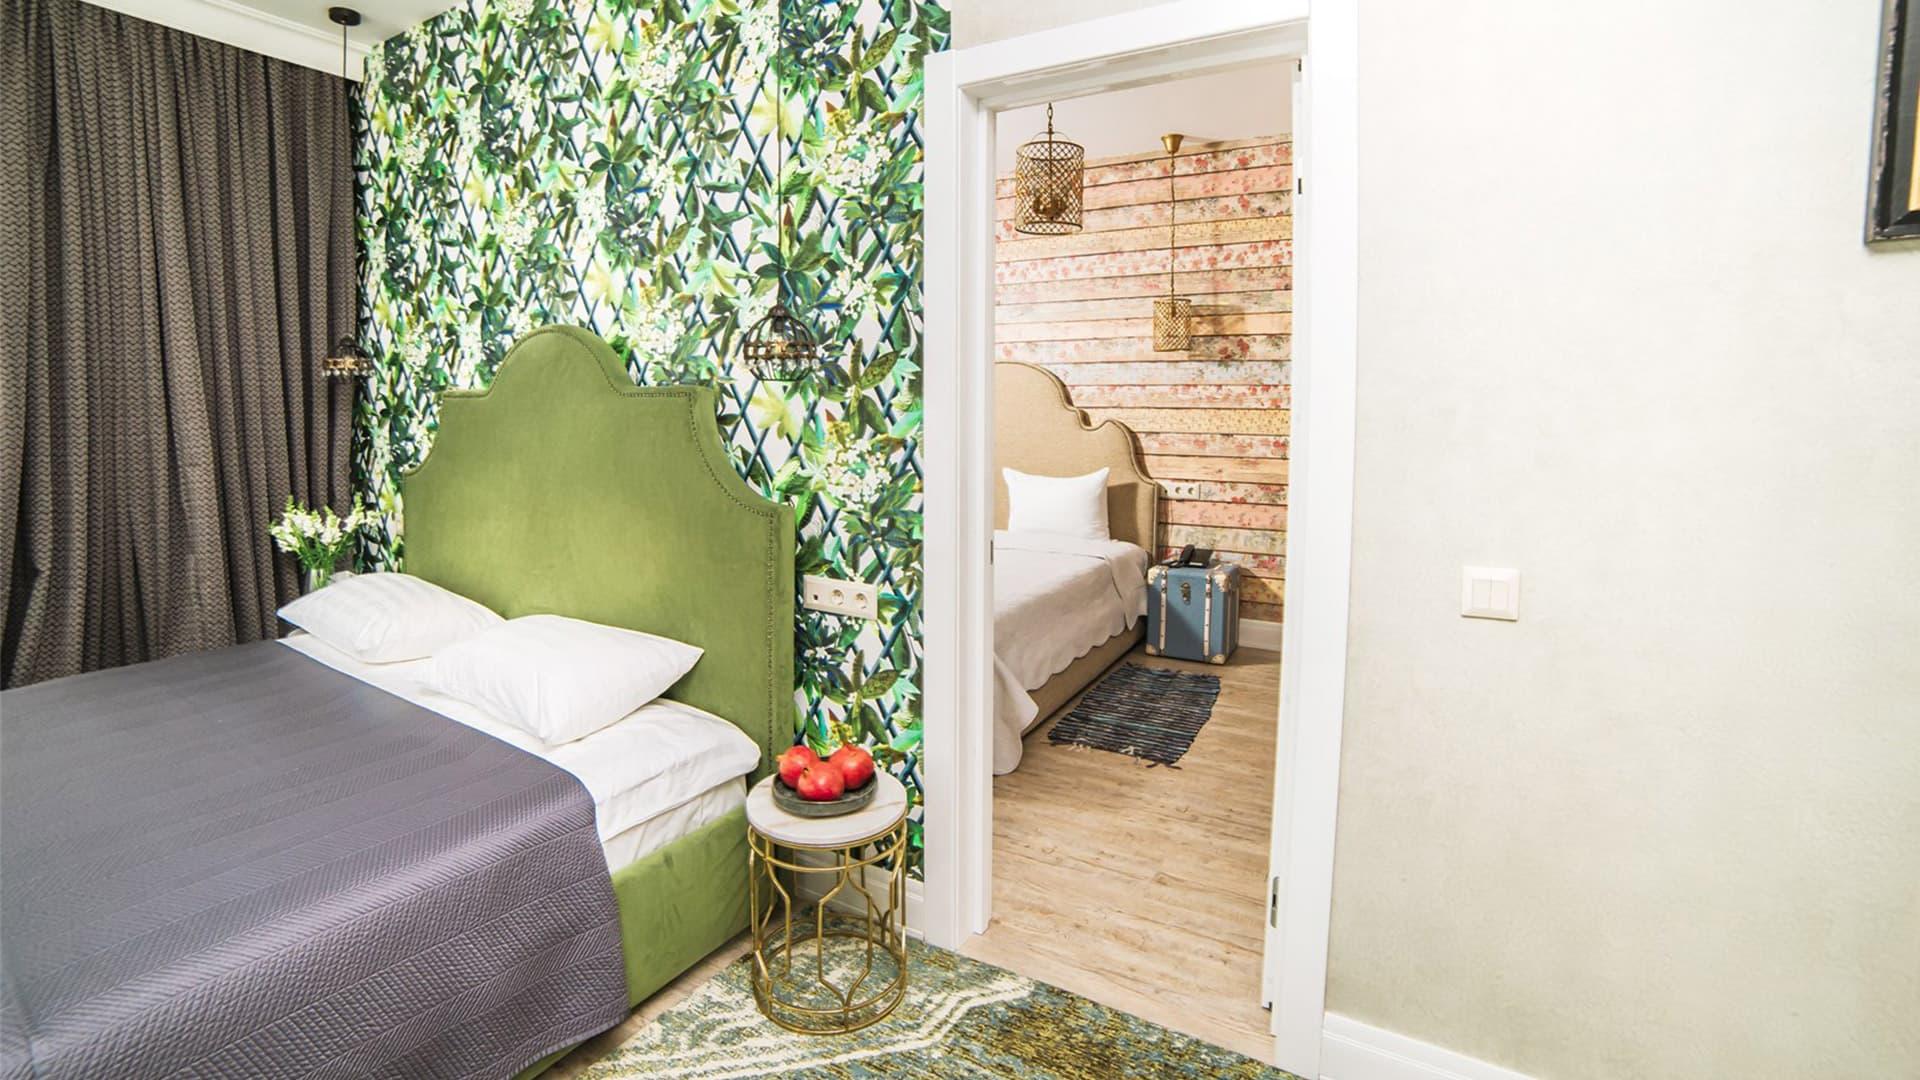 Улучшенный семейный номер с двумя спальнями и балконом